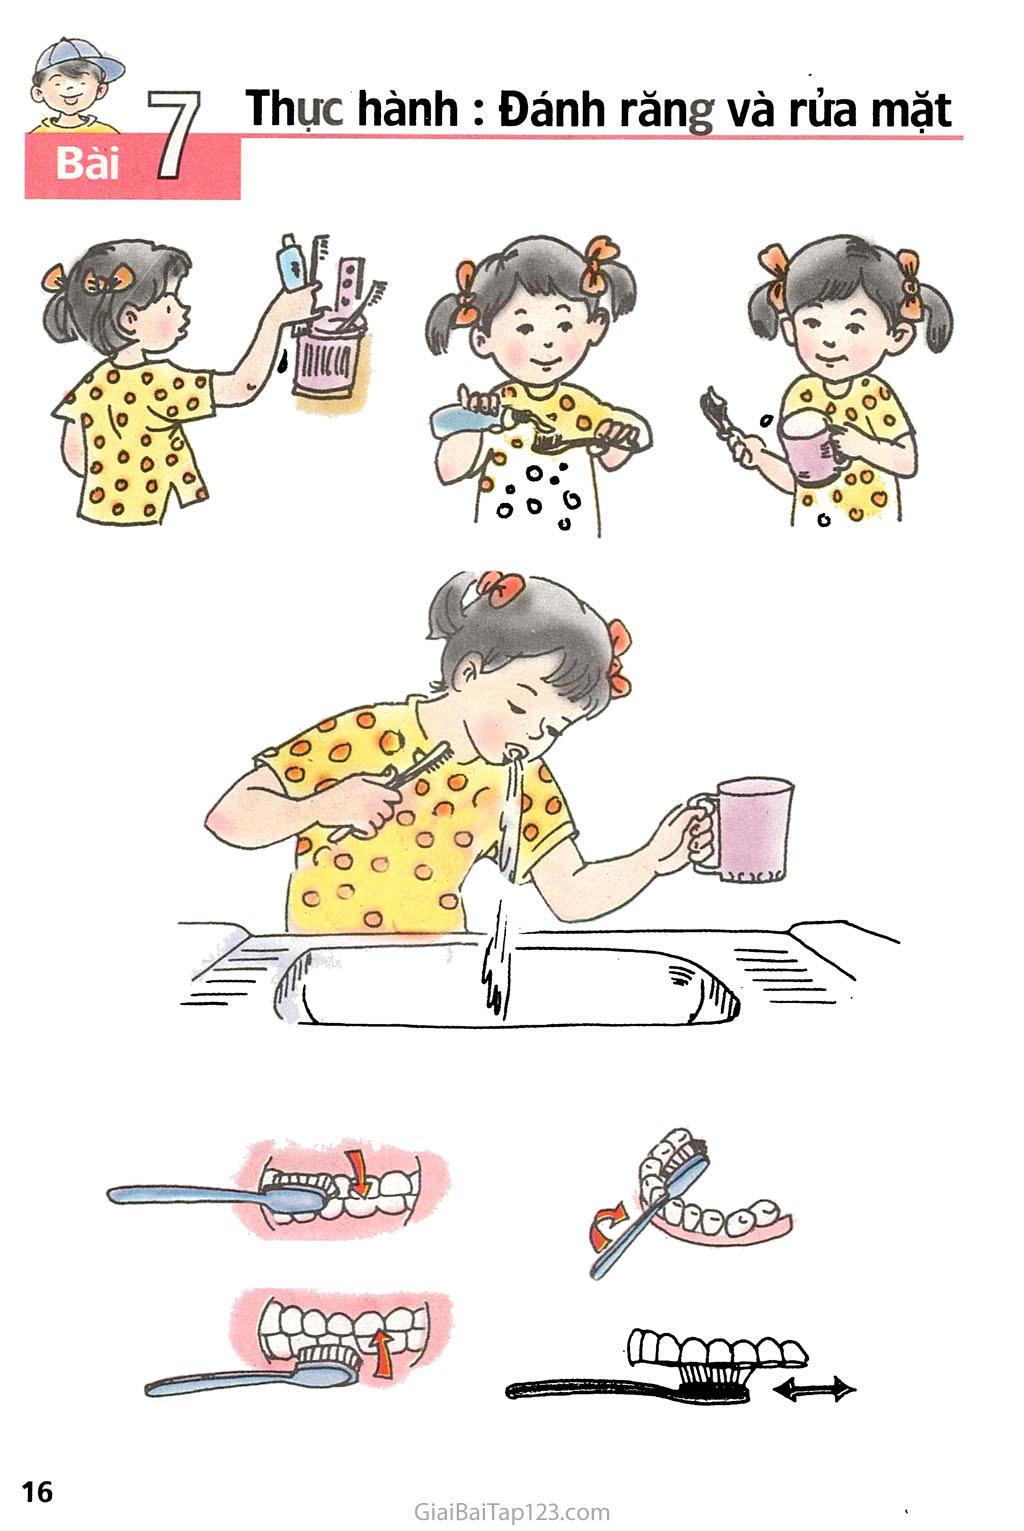 Bài 7. Thực hành: Đánh răng và rửa mặt trang 1